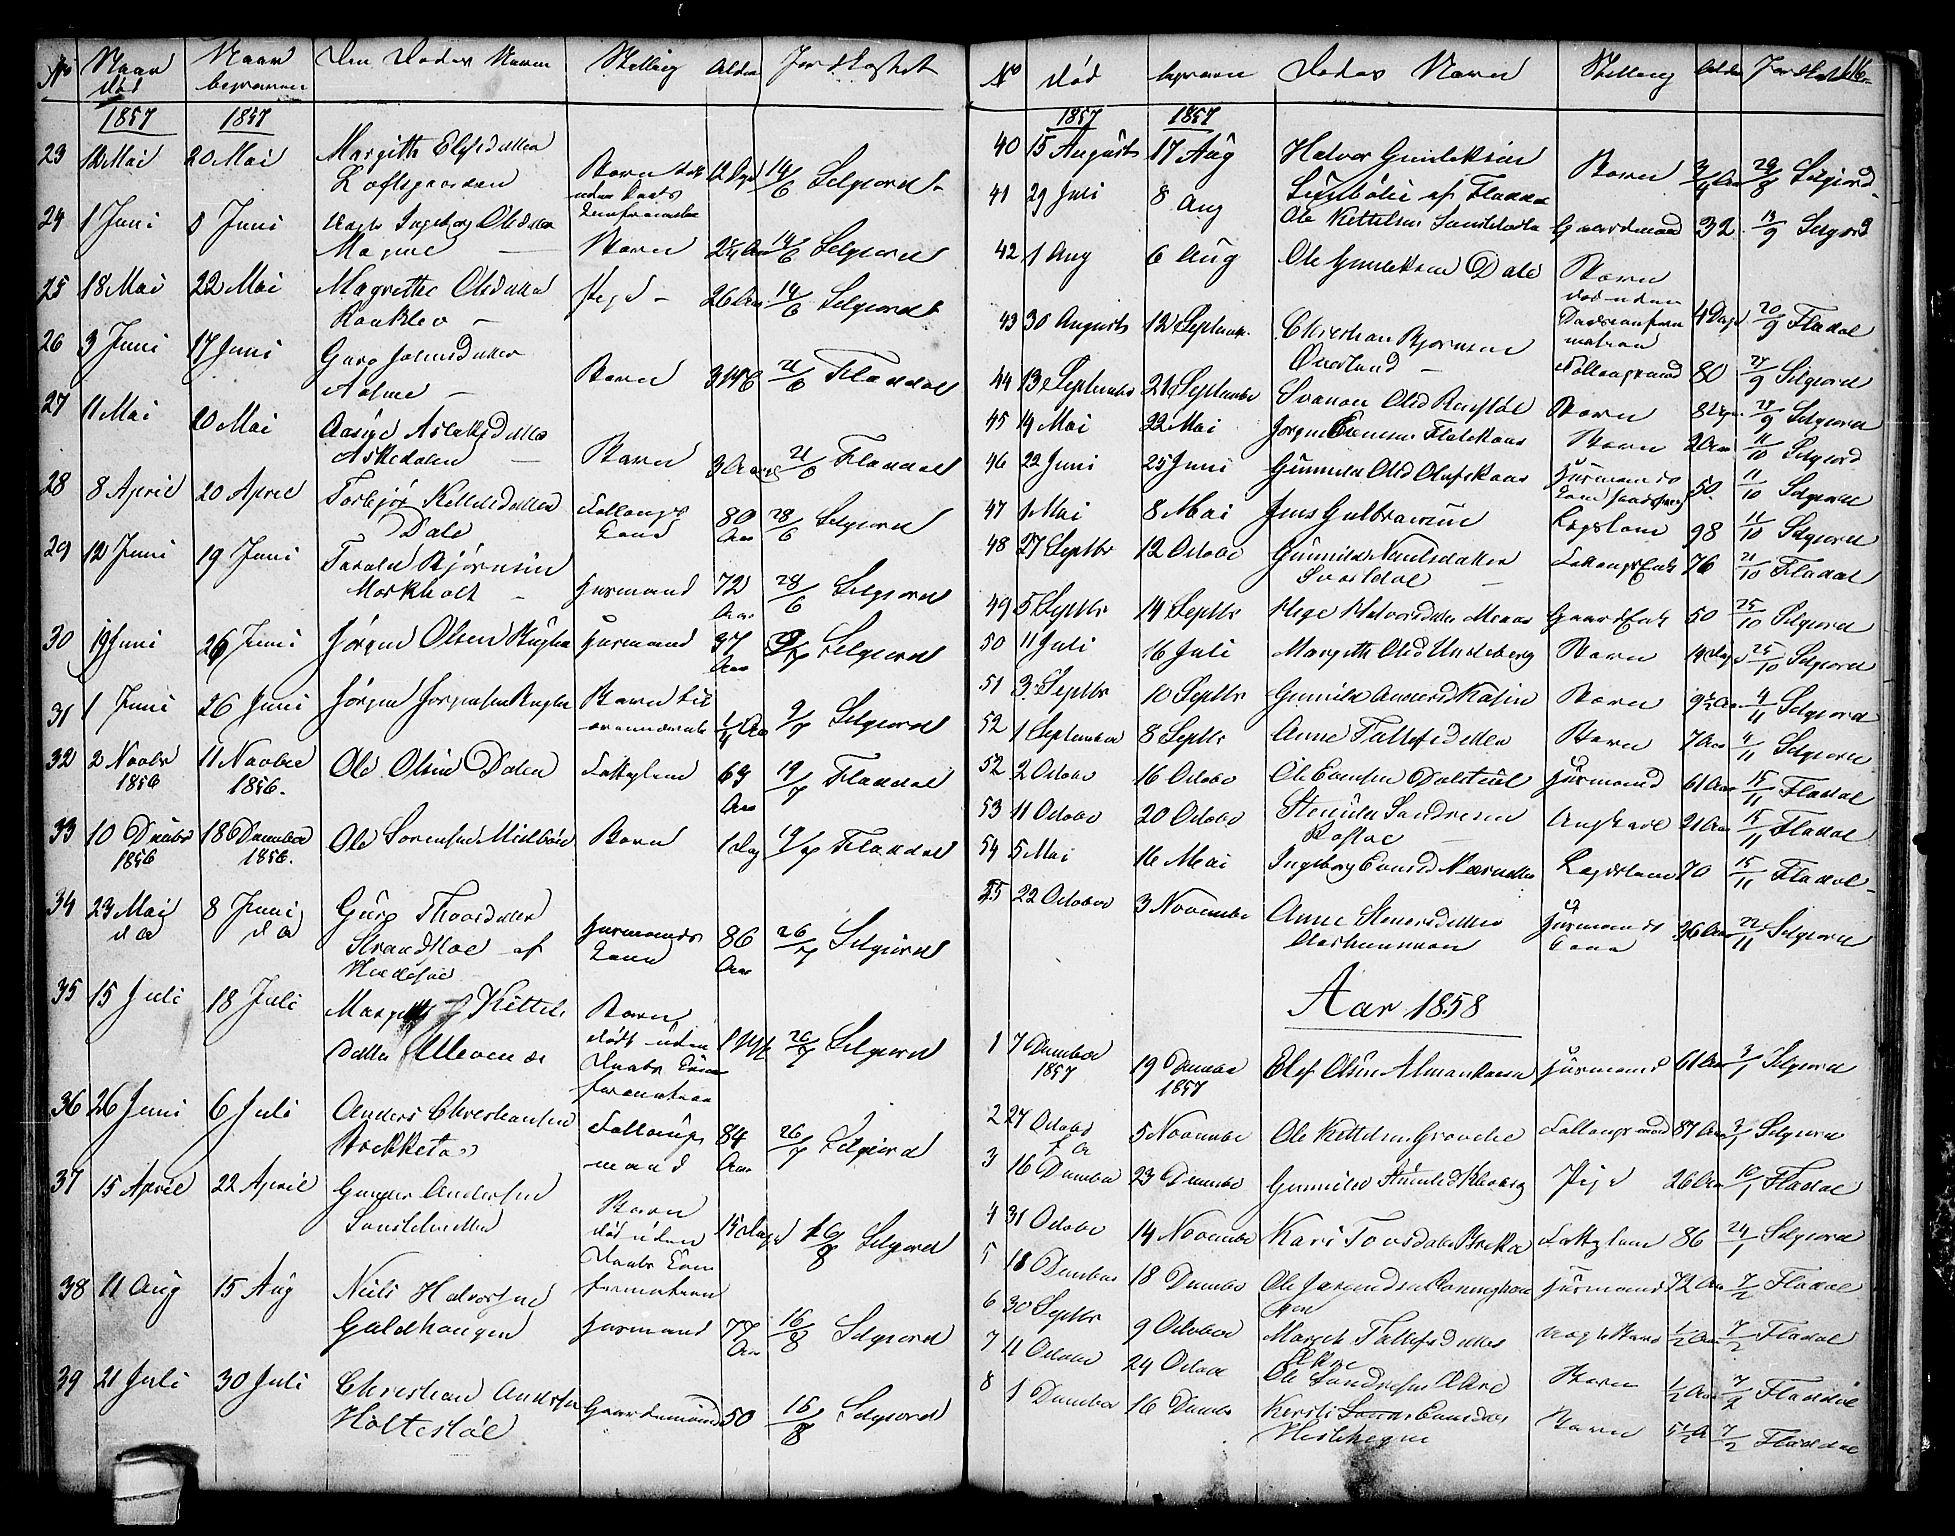 SAKO, Seljord kirkebøker, G/Ga/L0002: Klokkerbok nr. I 2, 1838-1866, s. 116